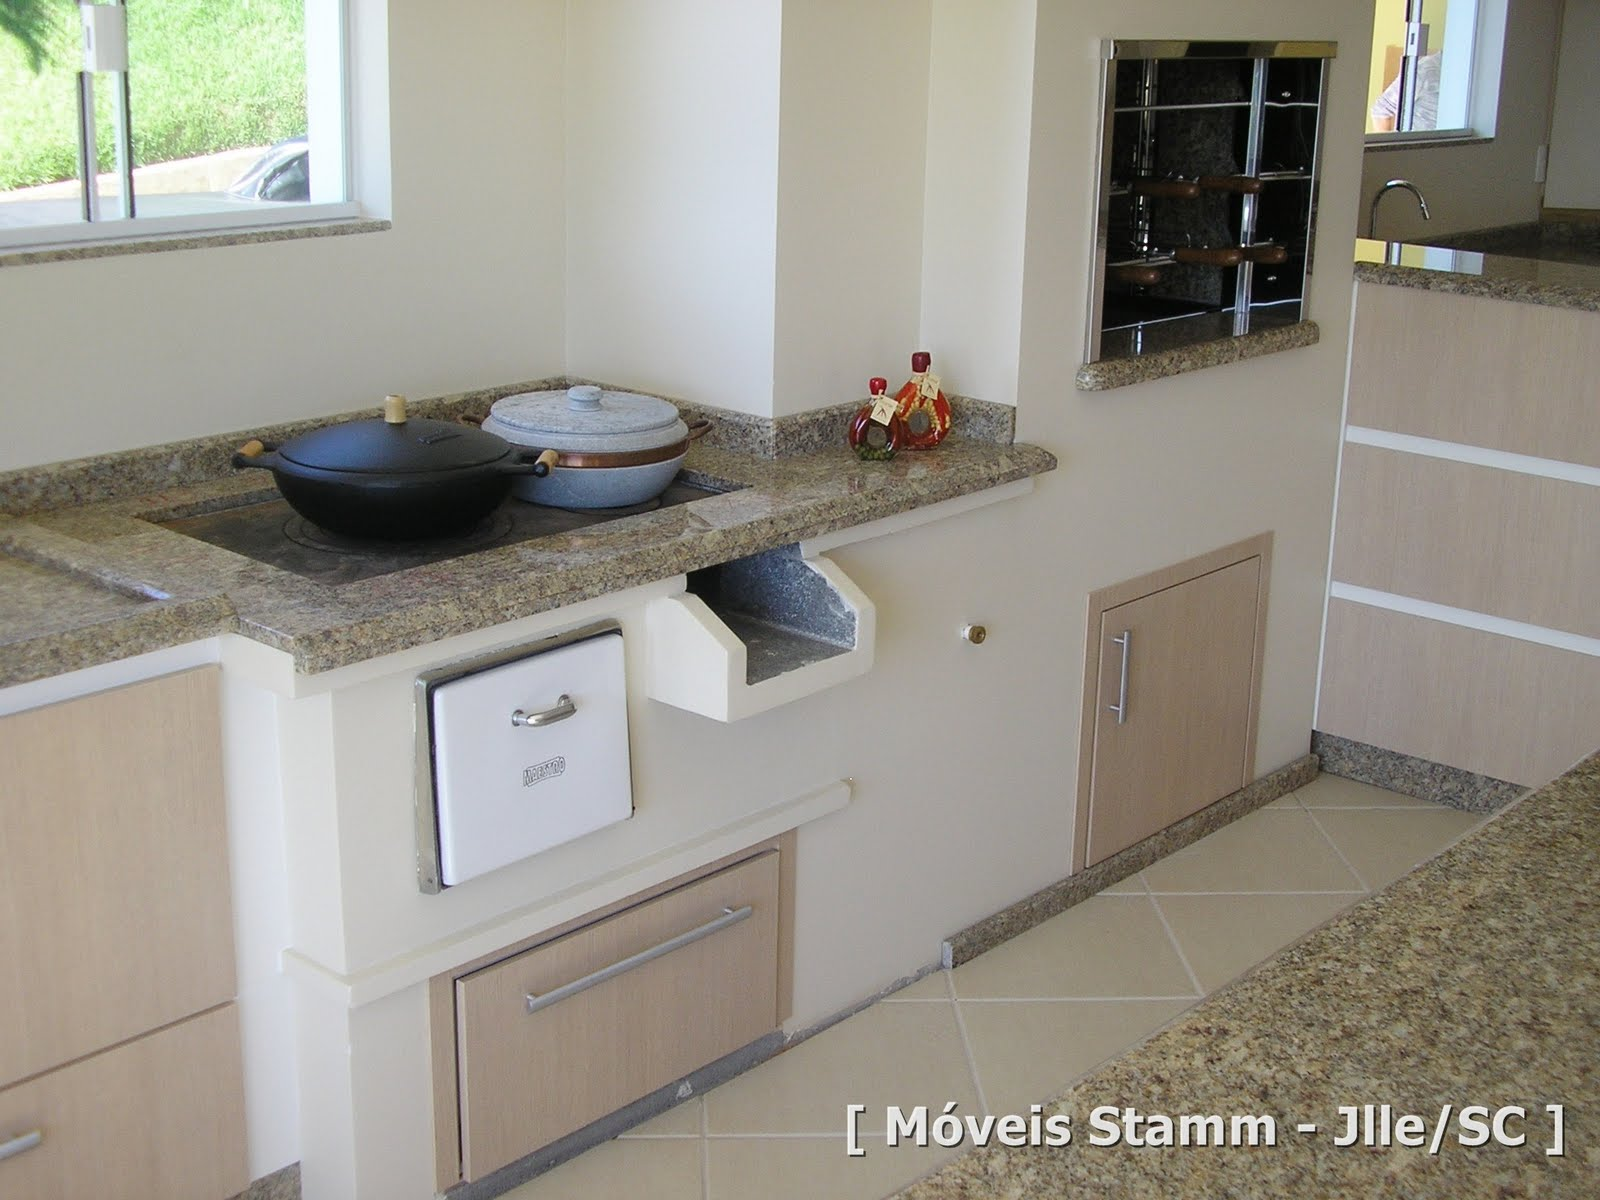 #4C5F79 Móveis Stamm: Cozinha e Churrasqueira Romeu 1600x1200 px Projetos De Churrasqueiras Na Cozinha_5313 Imagens